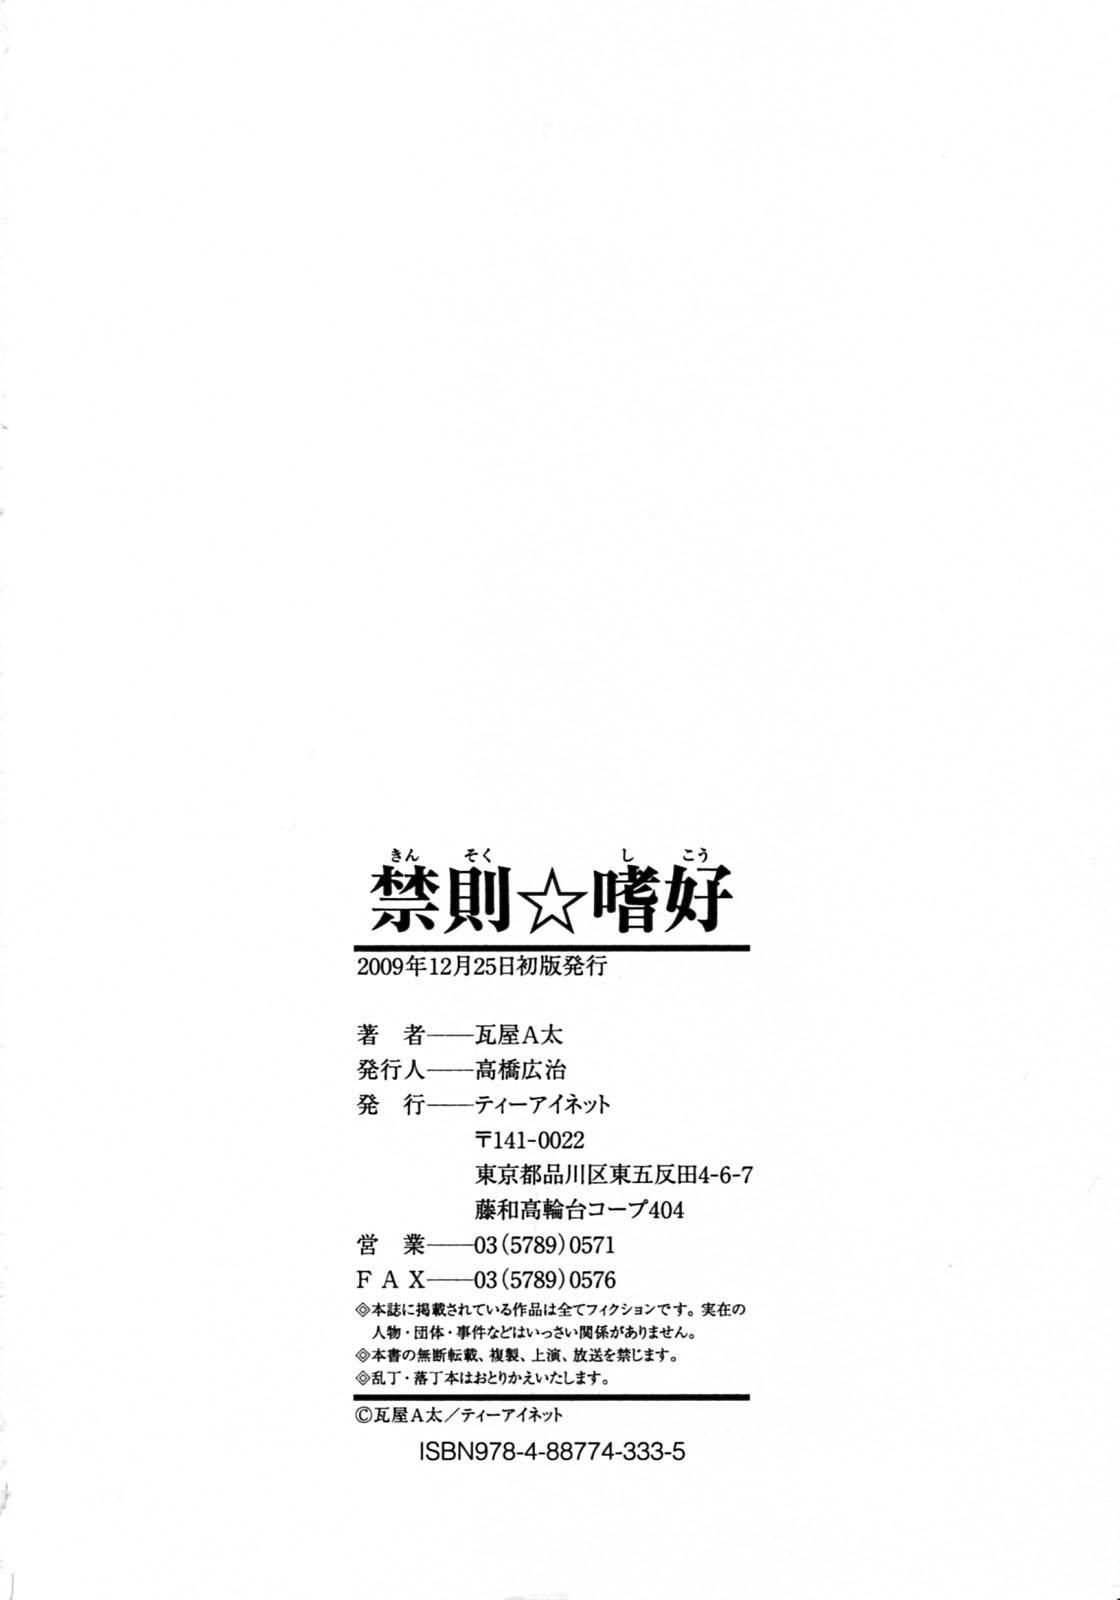 Kinsoku Shikou 215